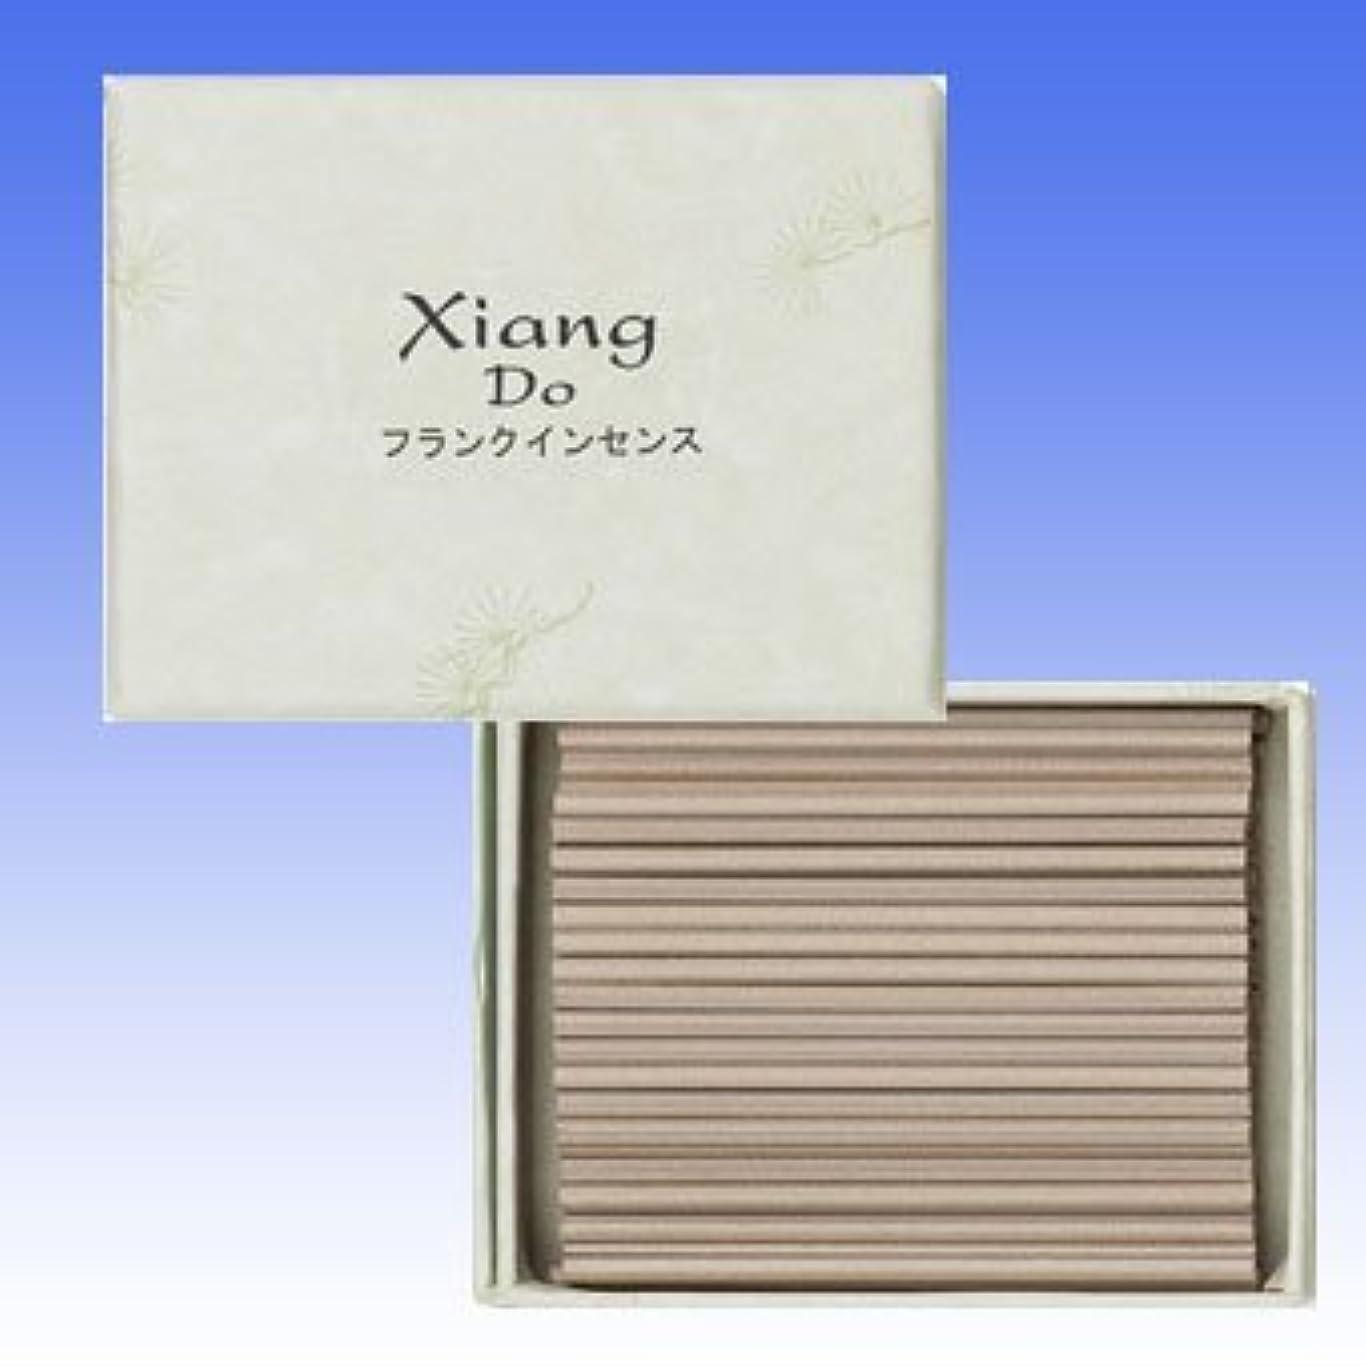 松栄堂 Xiang Do(シァン ドゥ) 徳用120本入 (フランクインセンス)